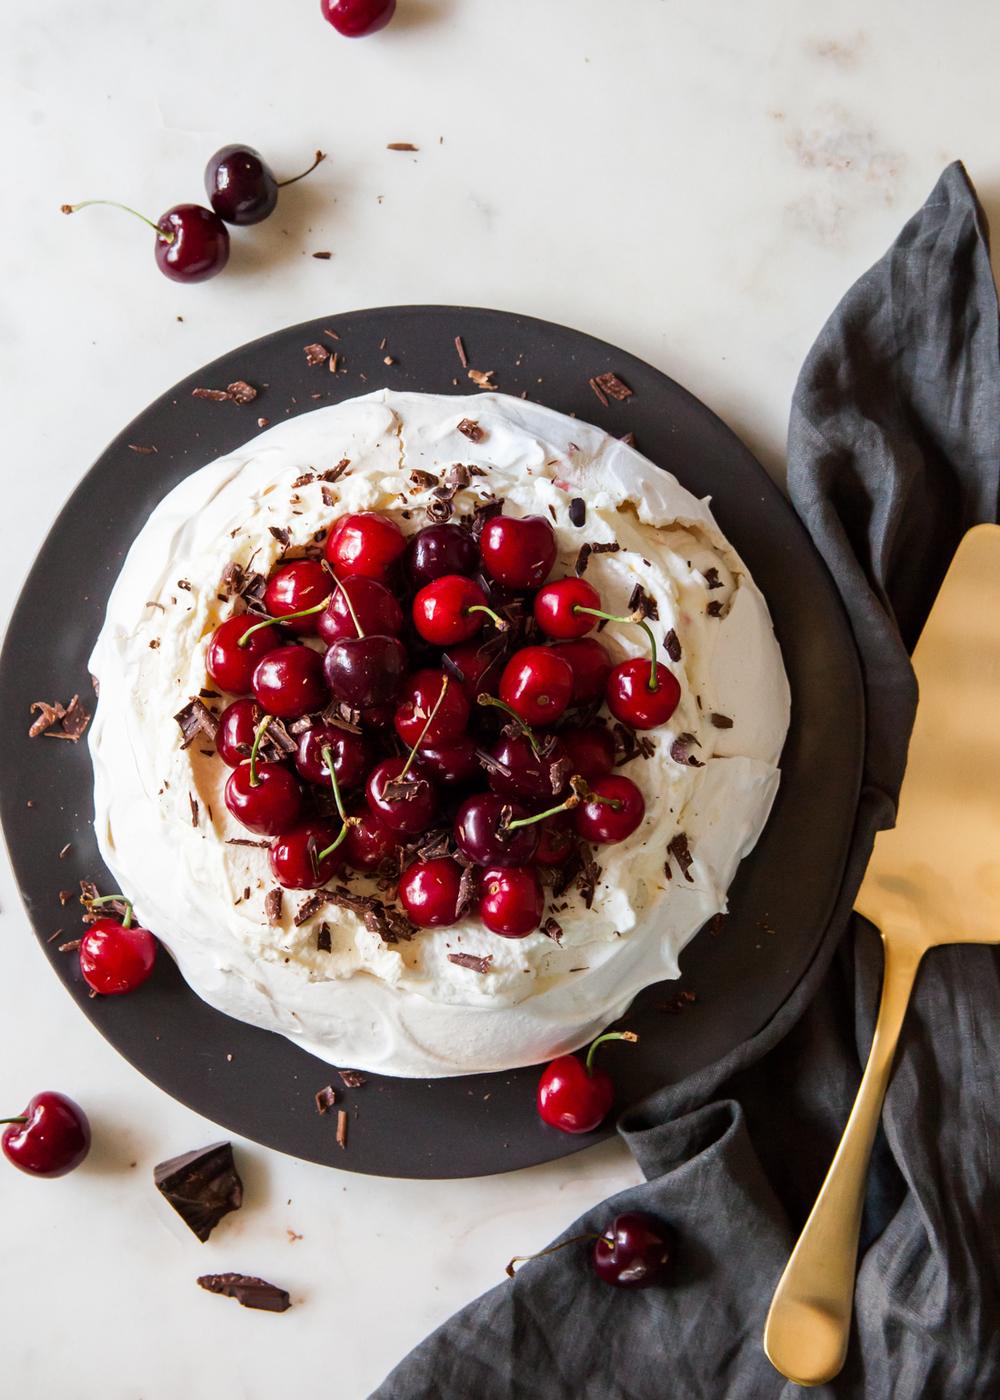 Pavlova with almond cream, fresh cherries, and chocolate shavings.